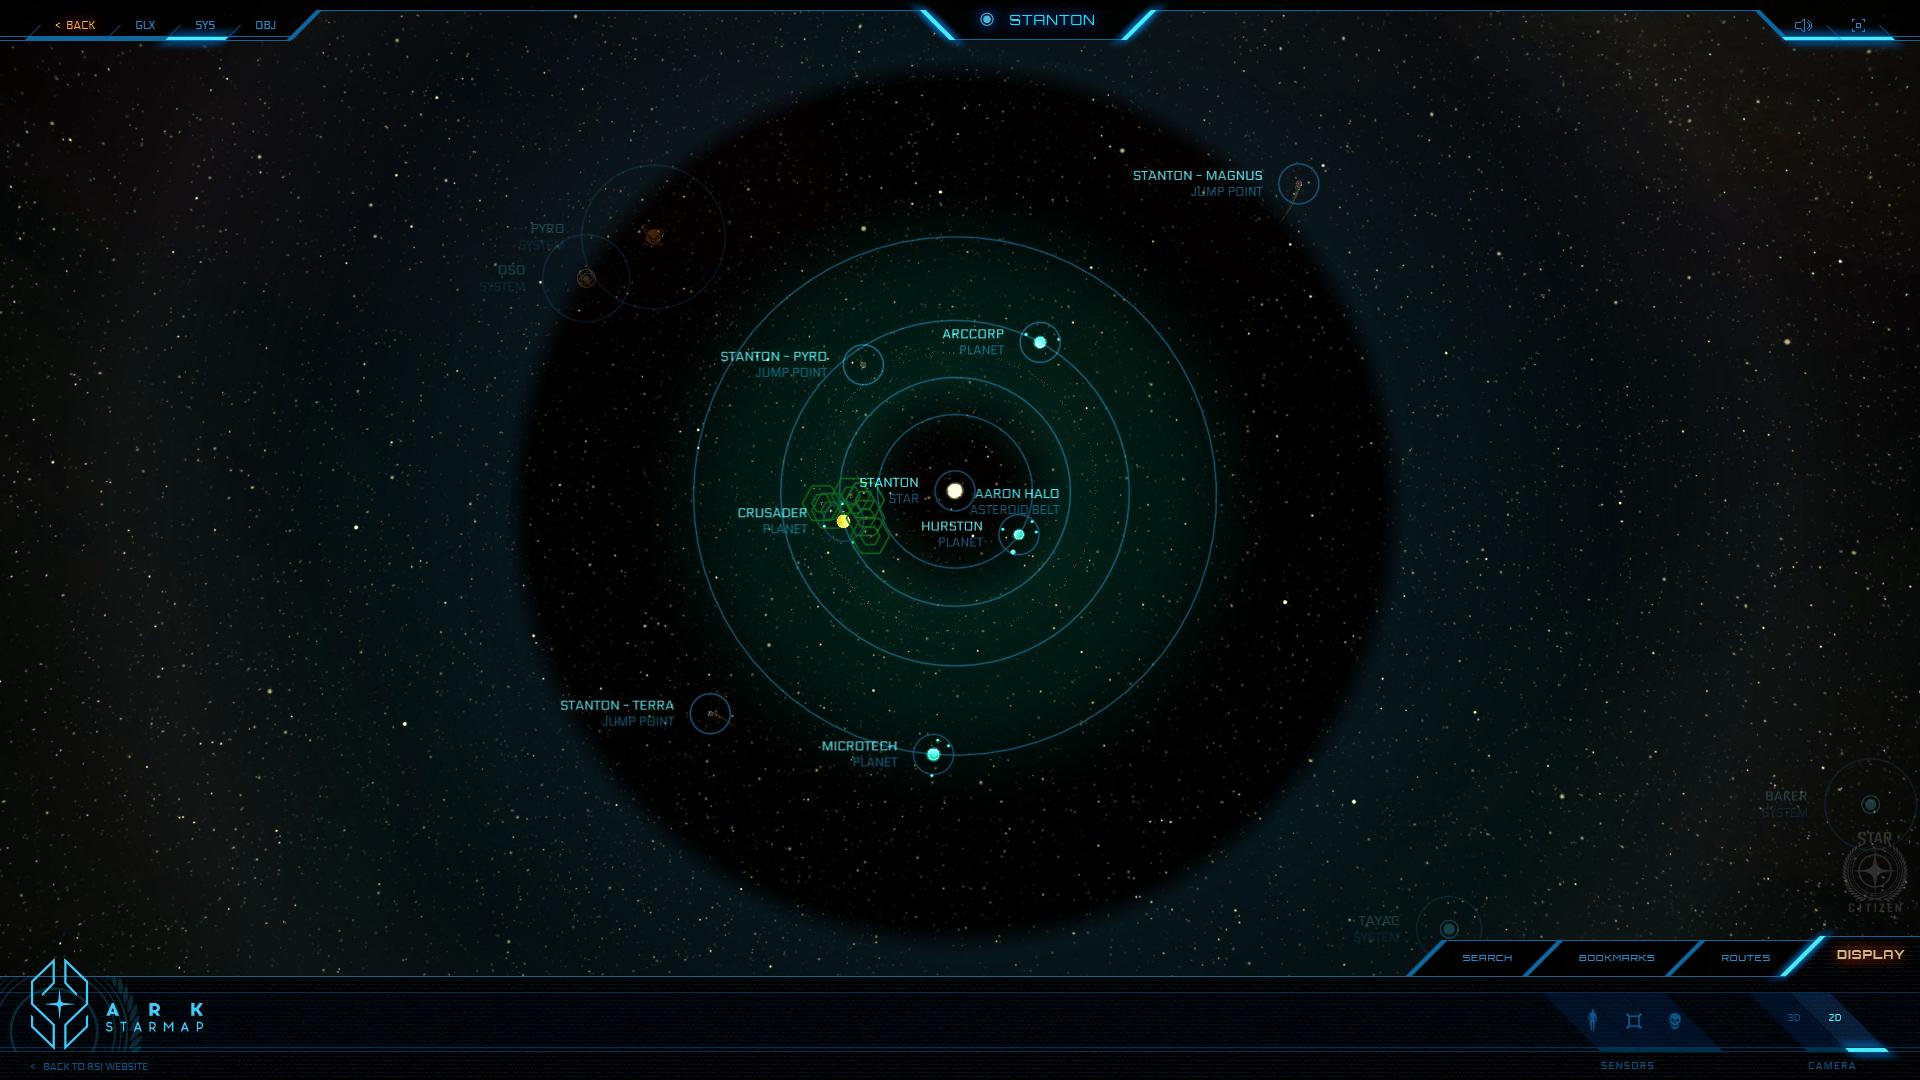 Star Citizen - новые подробности о планетах и скриншоты игры из свежего выпуска журнала PC Games. - Изображение 2